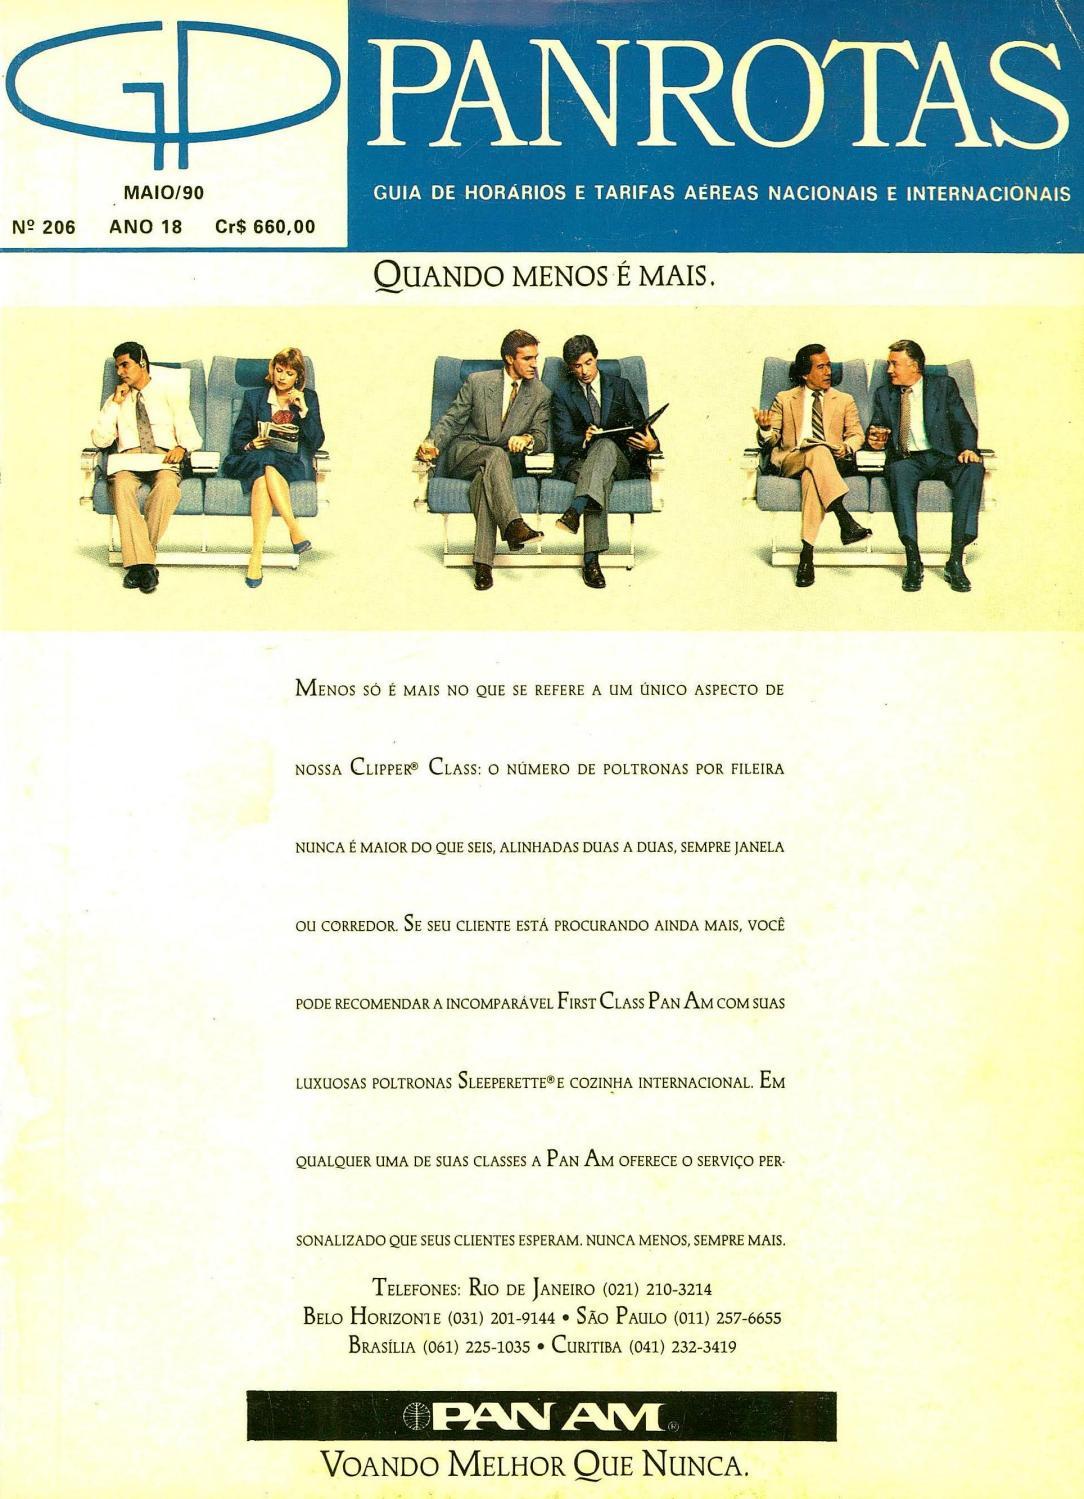 Guia PANROTAS - Edição 206 - Maio 1990 by PANROTAS Editora - issuu f90fc286e609f